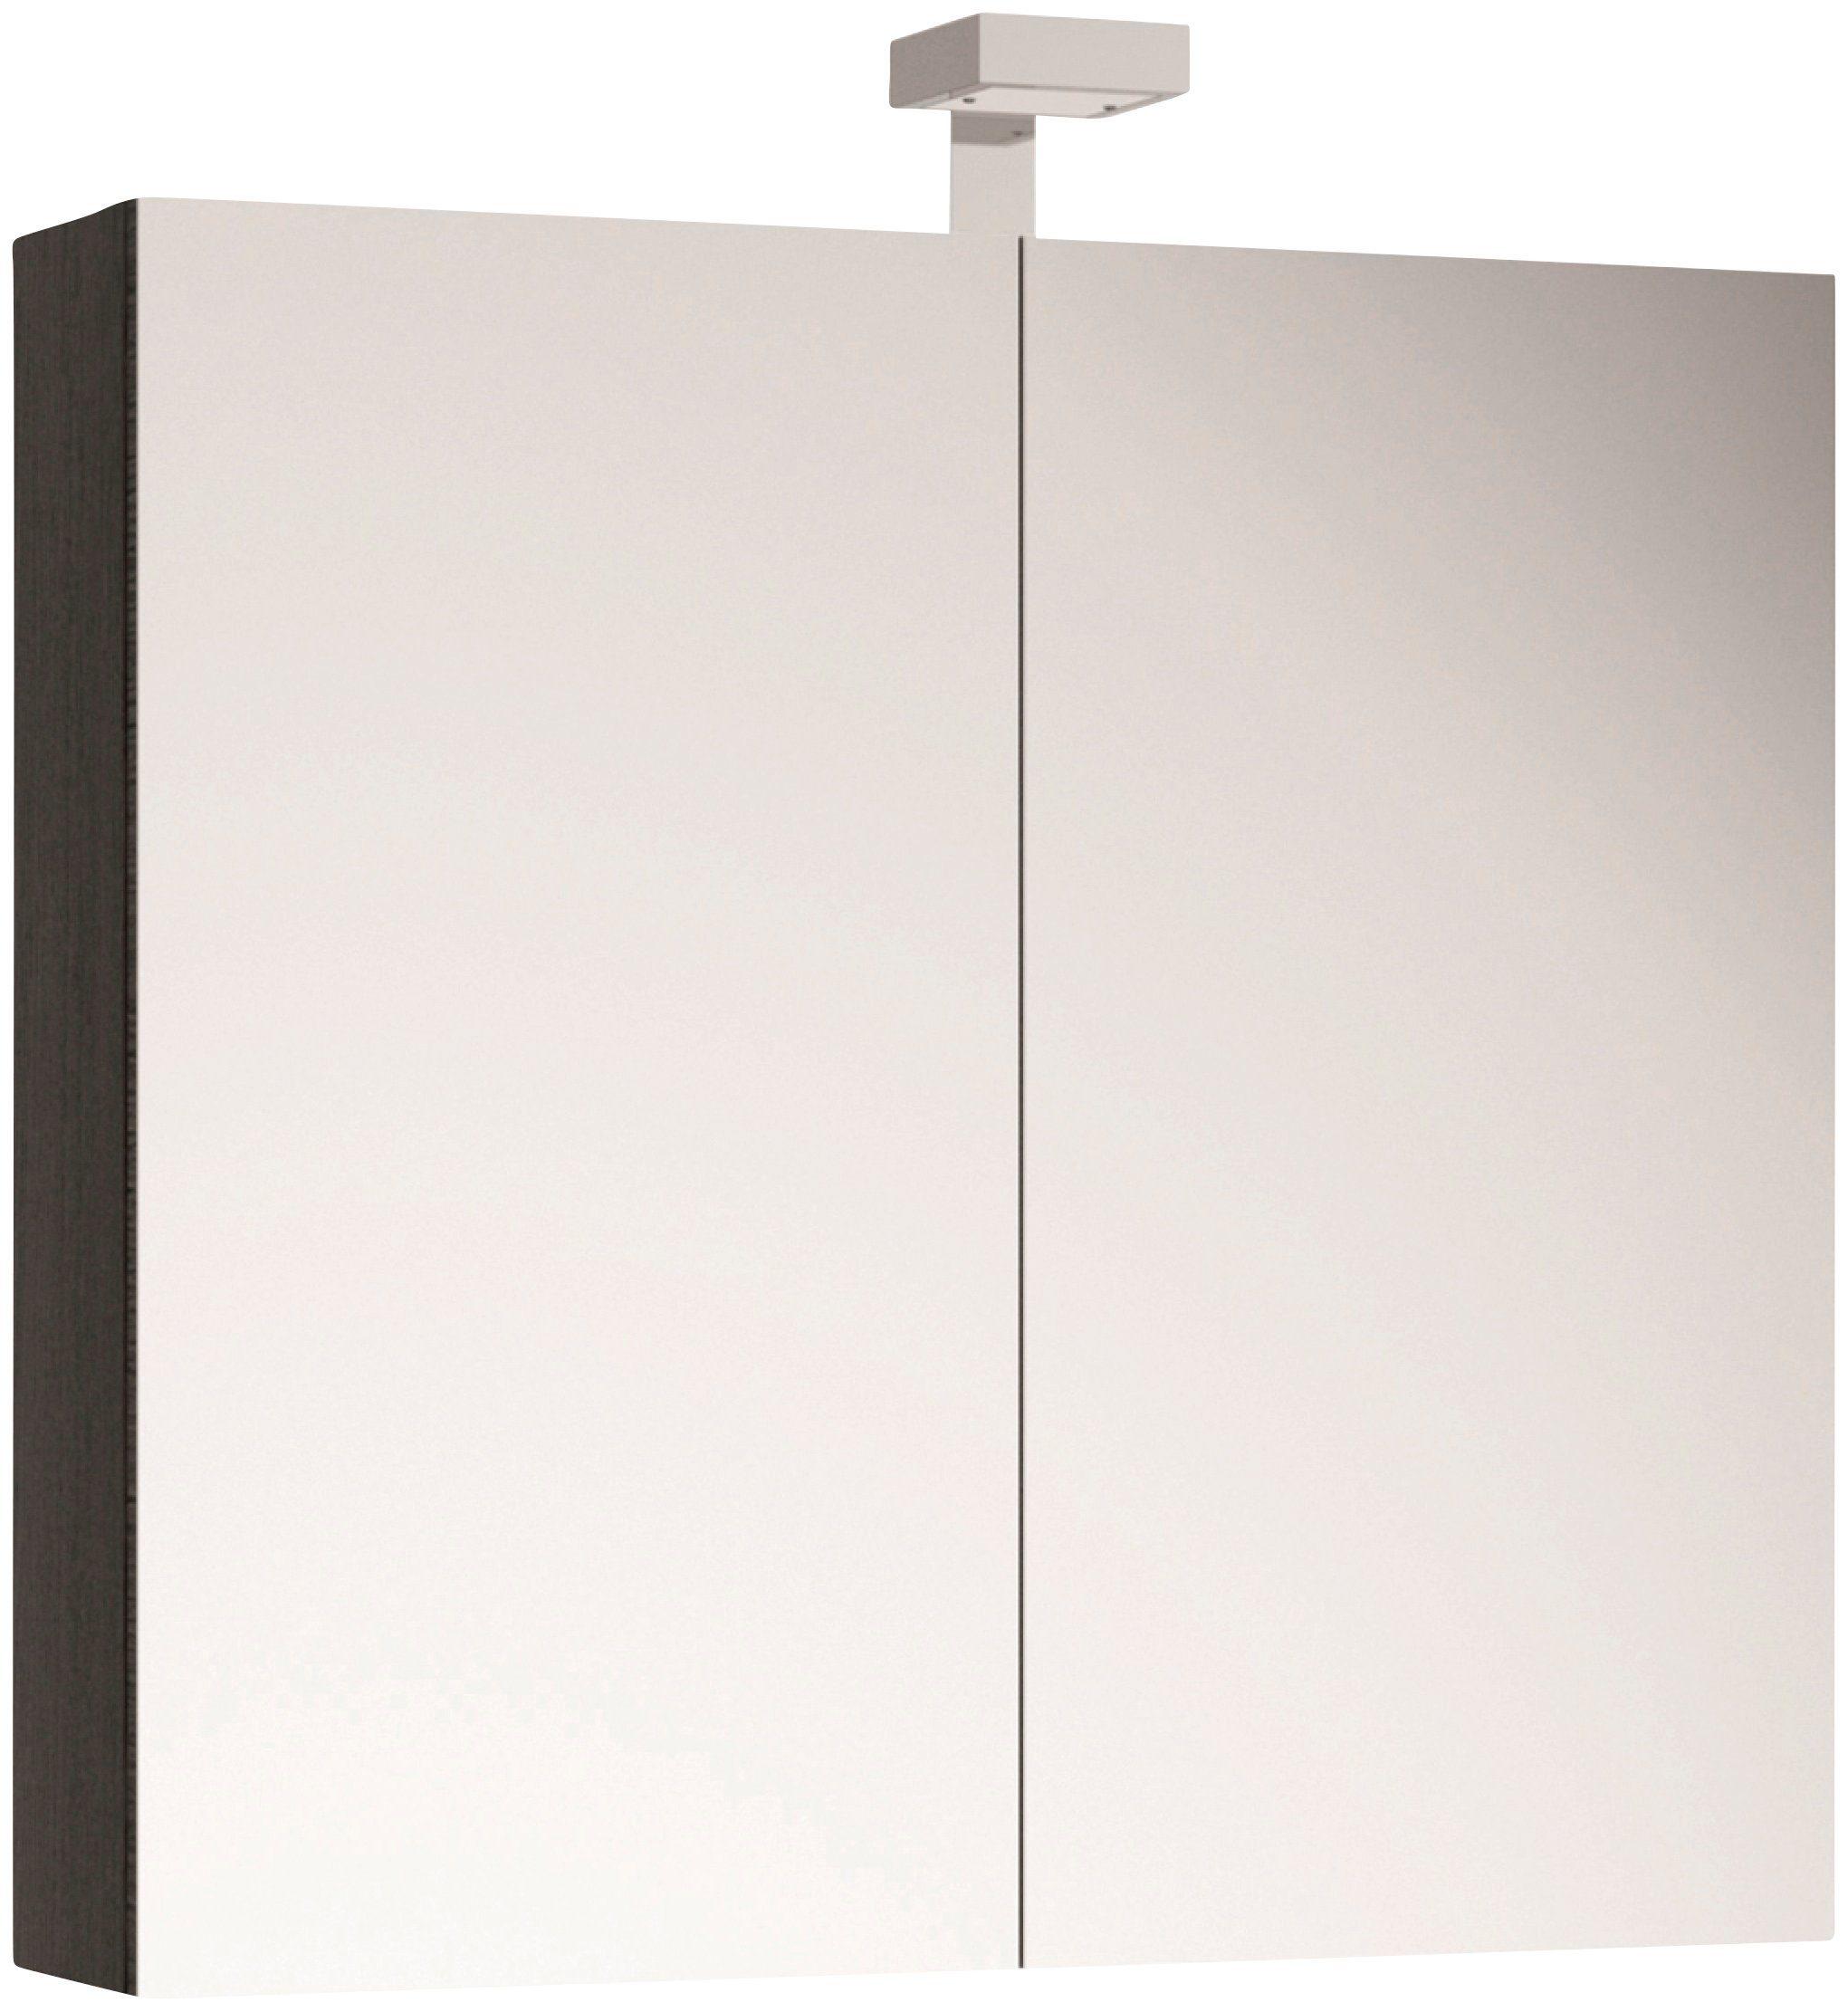 ALLIBERT Spiegelschrank , Breite 80 cm mit LED-Beleuchtung